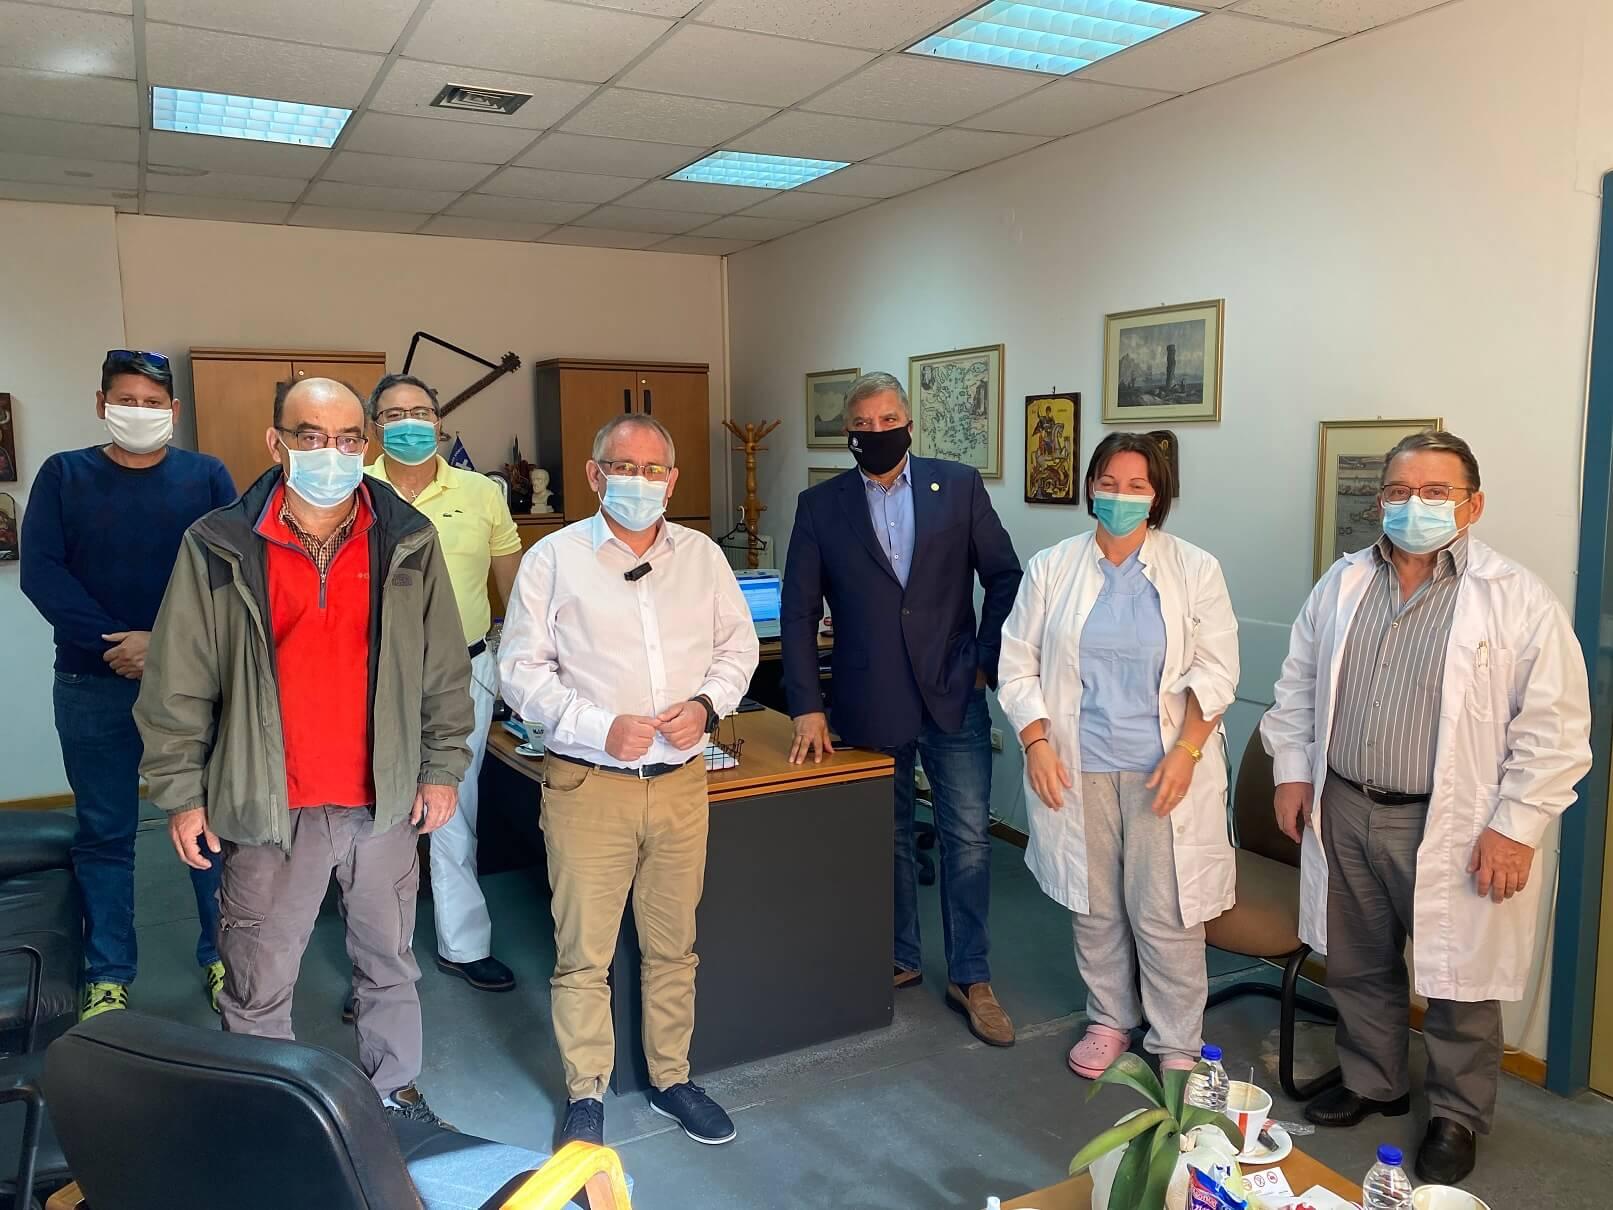 Συναντήσεις με το ιατρικό προσωπικό των νοσοκομείων της  Σάμου είχε σήμερα ο Γιώργος Πατούλης